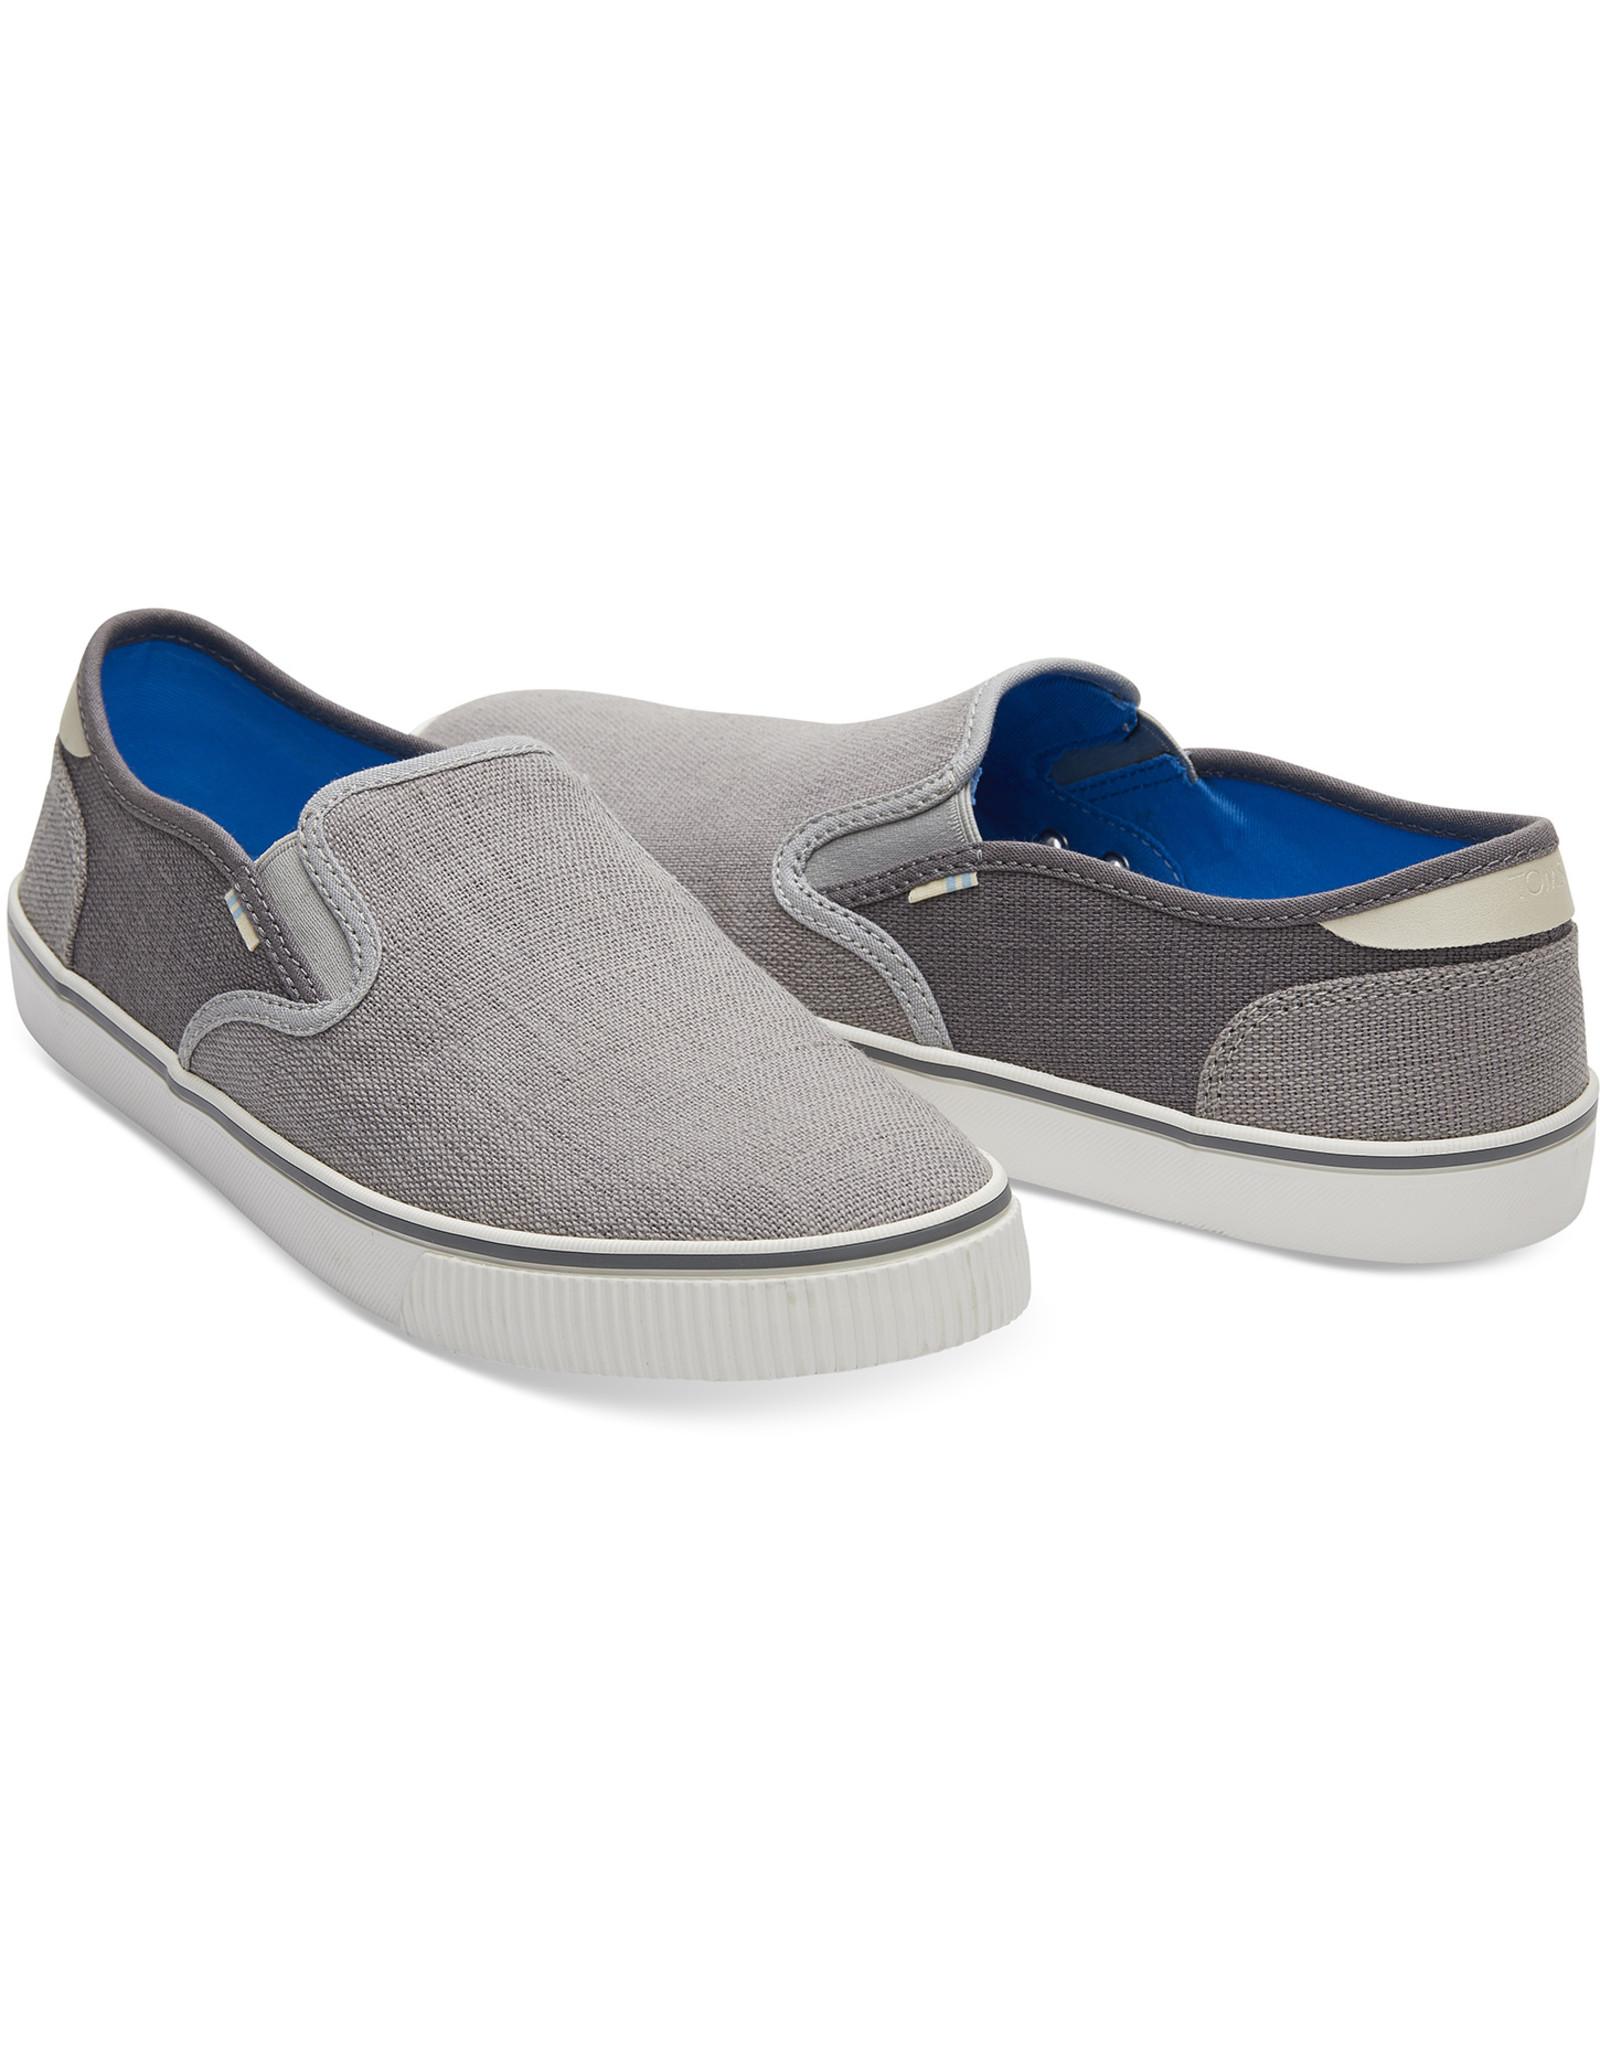 TOMS Men's Baja Slip-on